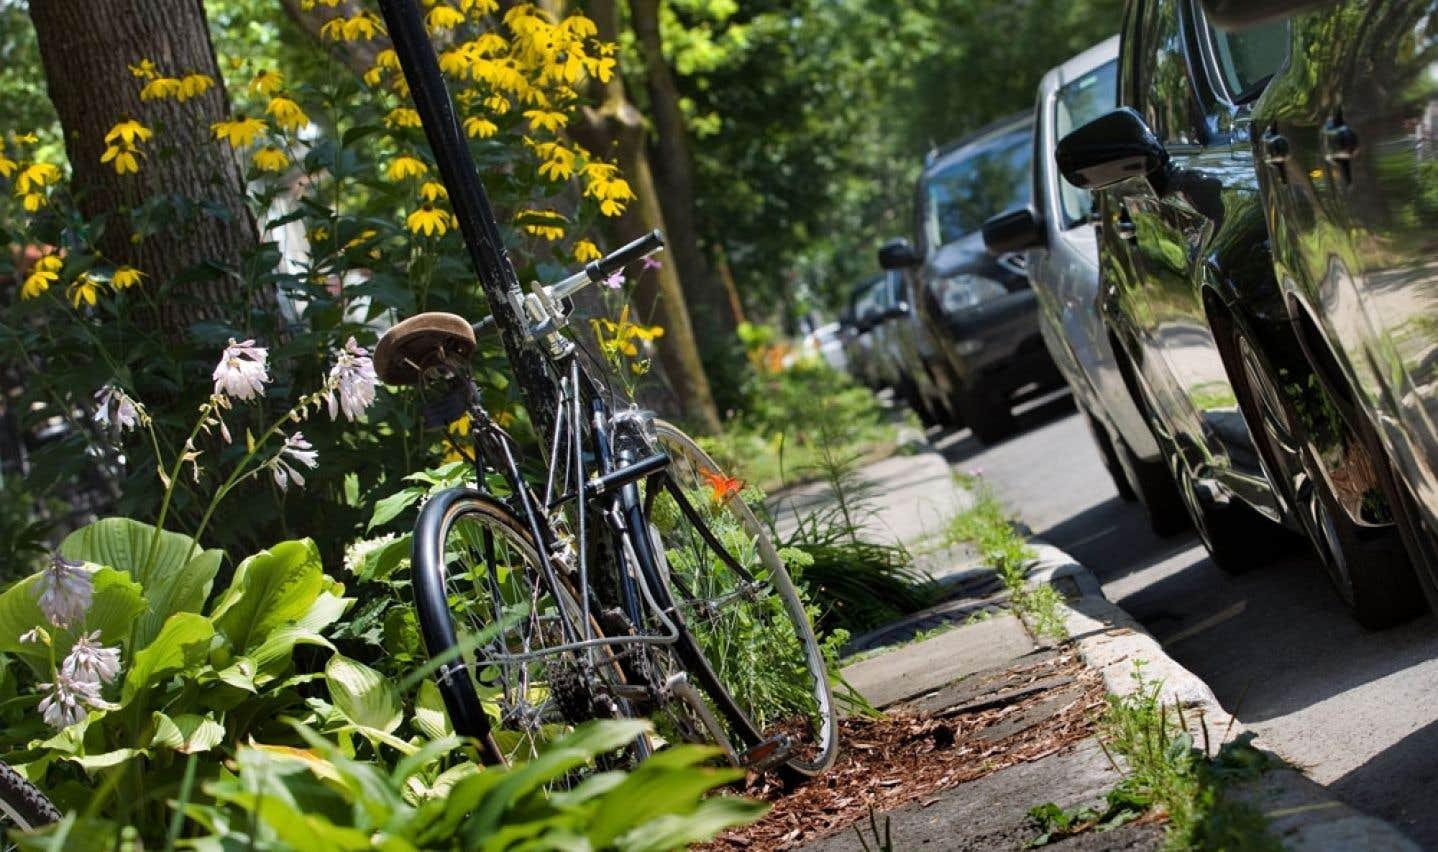 L'automobile fait partie du «cocktail» des moyens de déplacement dans l'arrondissement de Rosemont-La Petite-Patrie, selon le maire François Croteau.